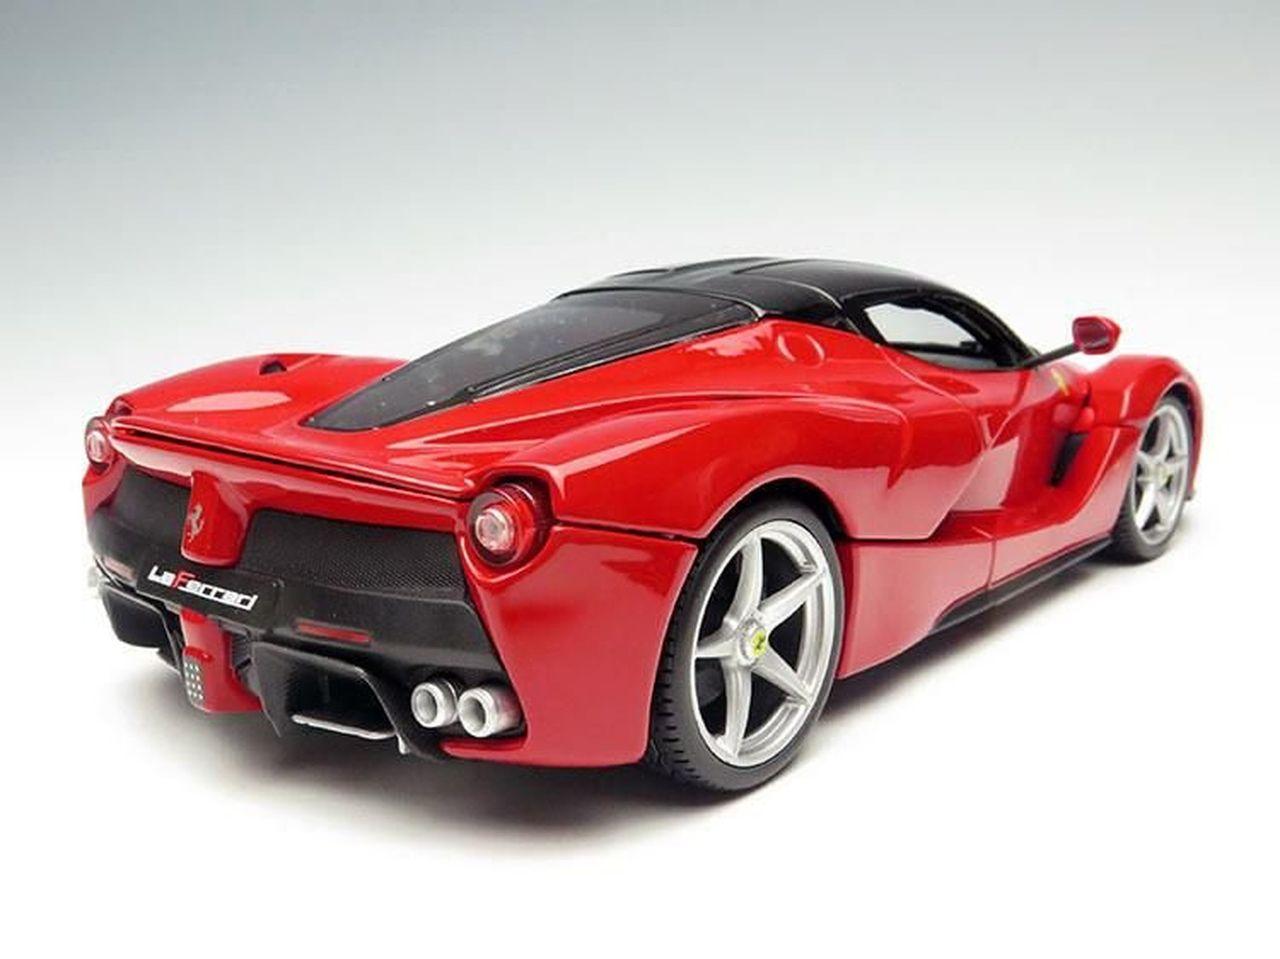 Miniatura Ferrari (Escala 1/18) - Burago